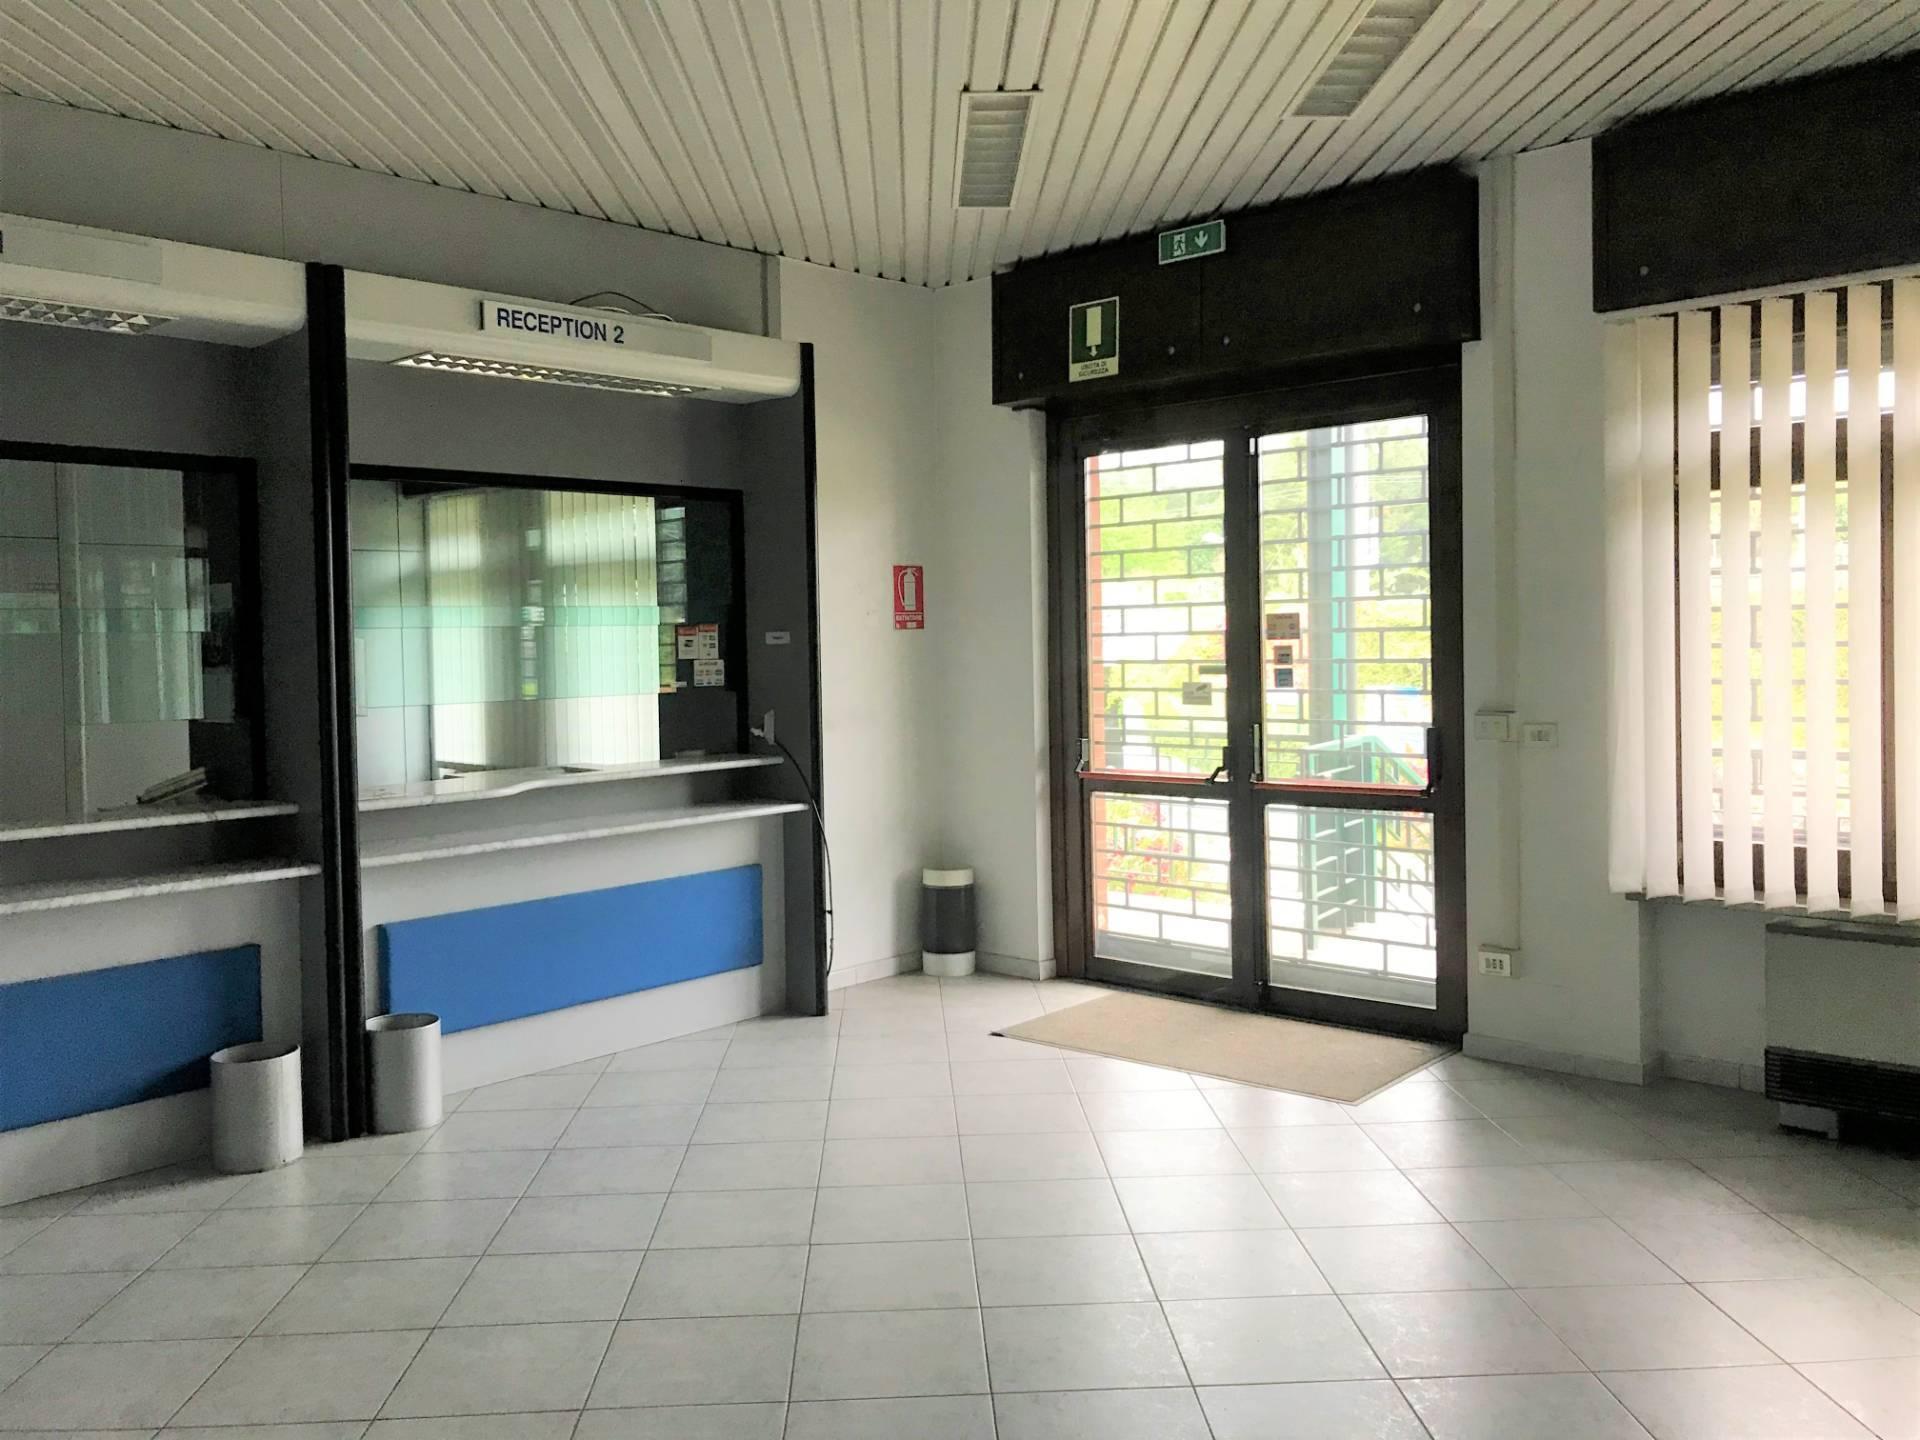 Negozio / Locale in vendita a Avigliana, 9999 locali, zona Località: Semicentro, prezzo € 615.000   CambioCasa.it